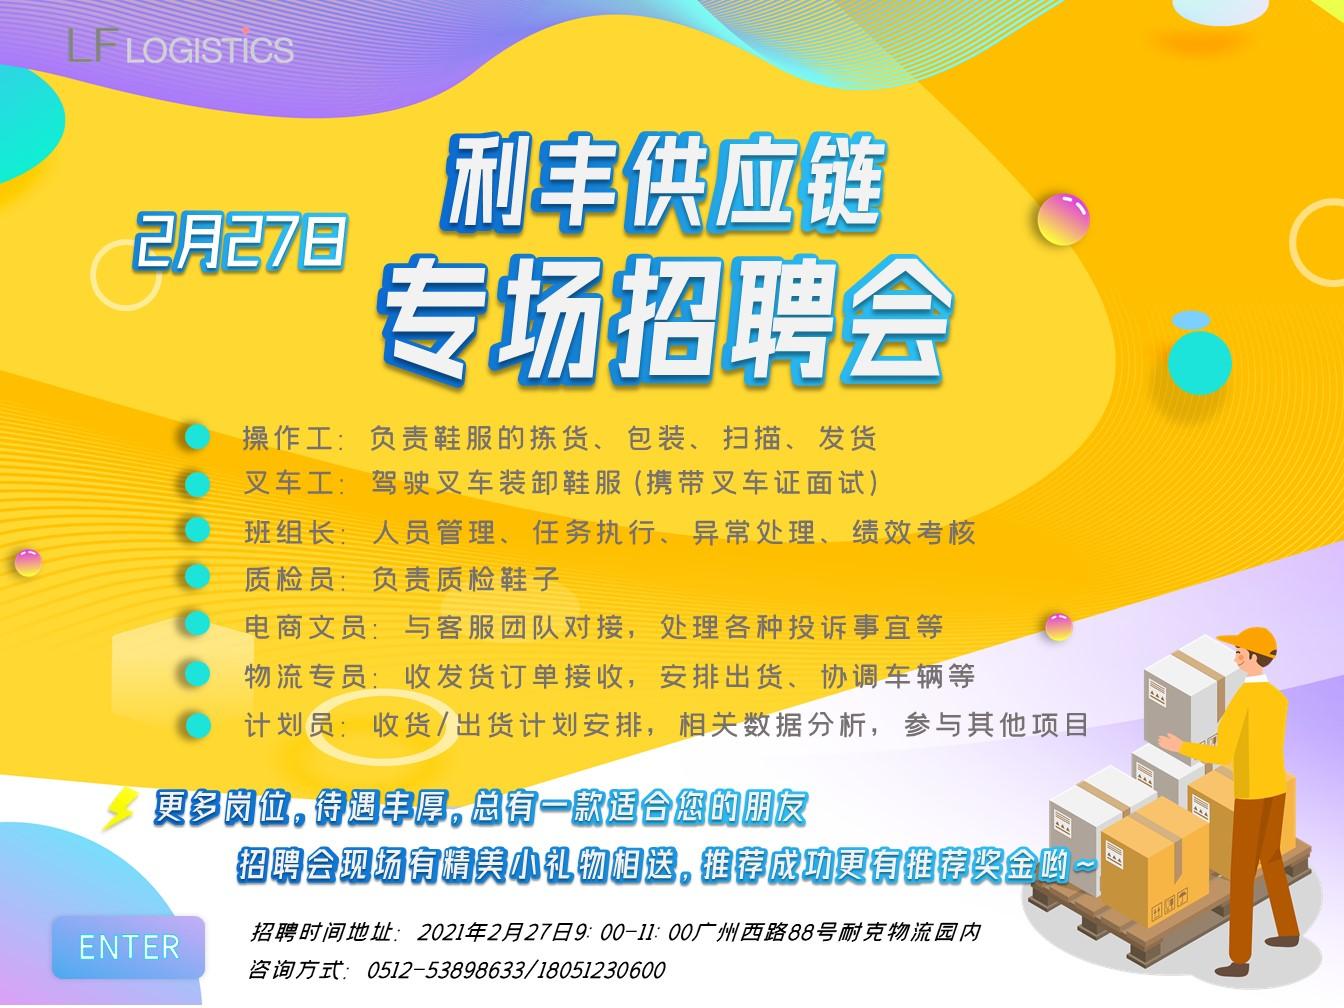 2月27日<a href='/dwxx_20572.html' target='_blank'>利丰供应链管理(中国)有限公司苏州分公司</a>招聘会